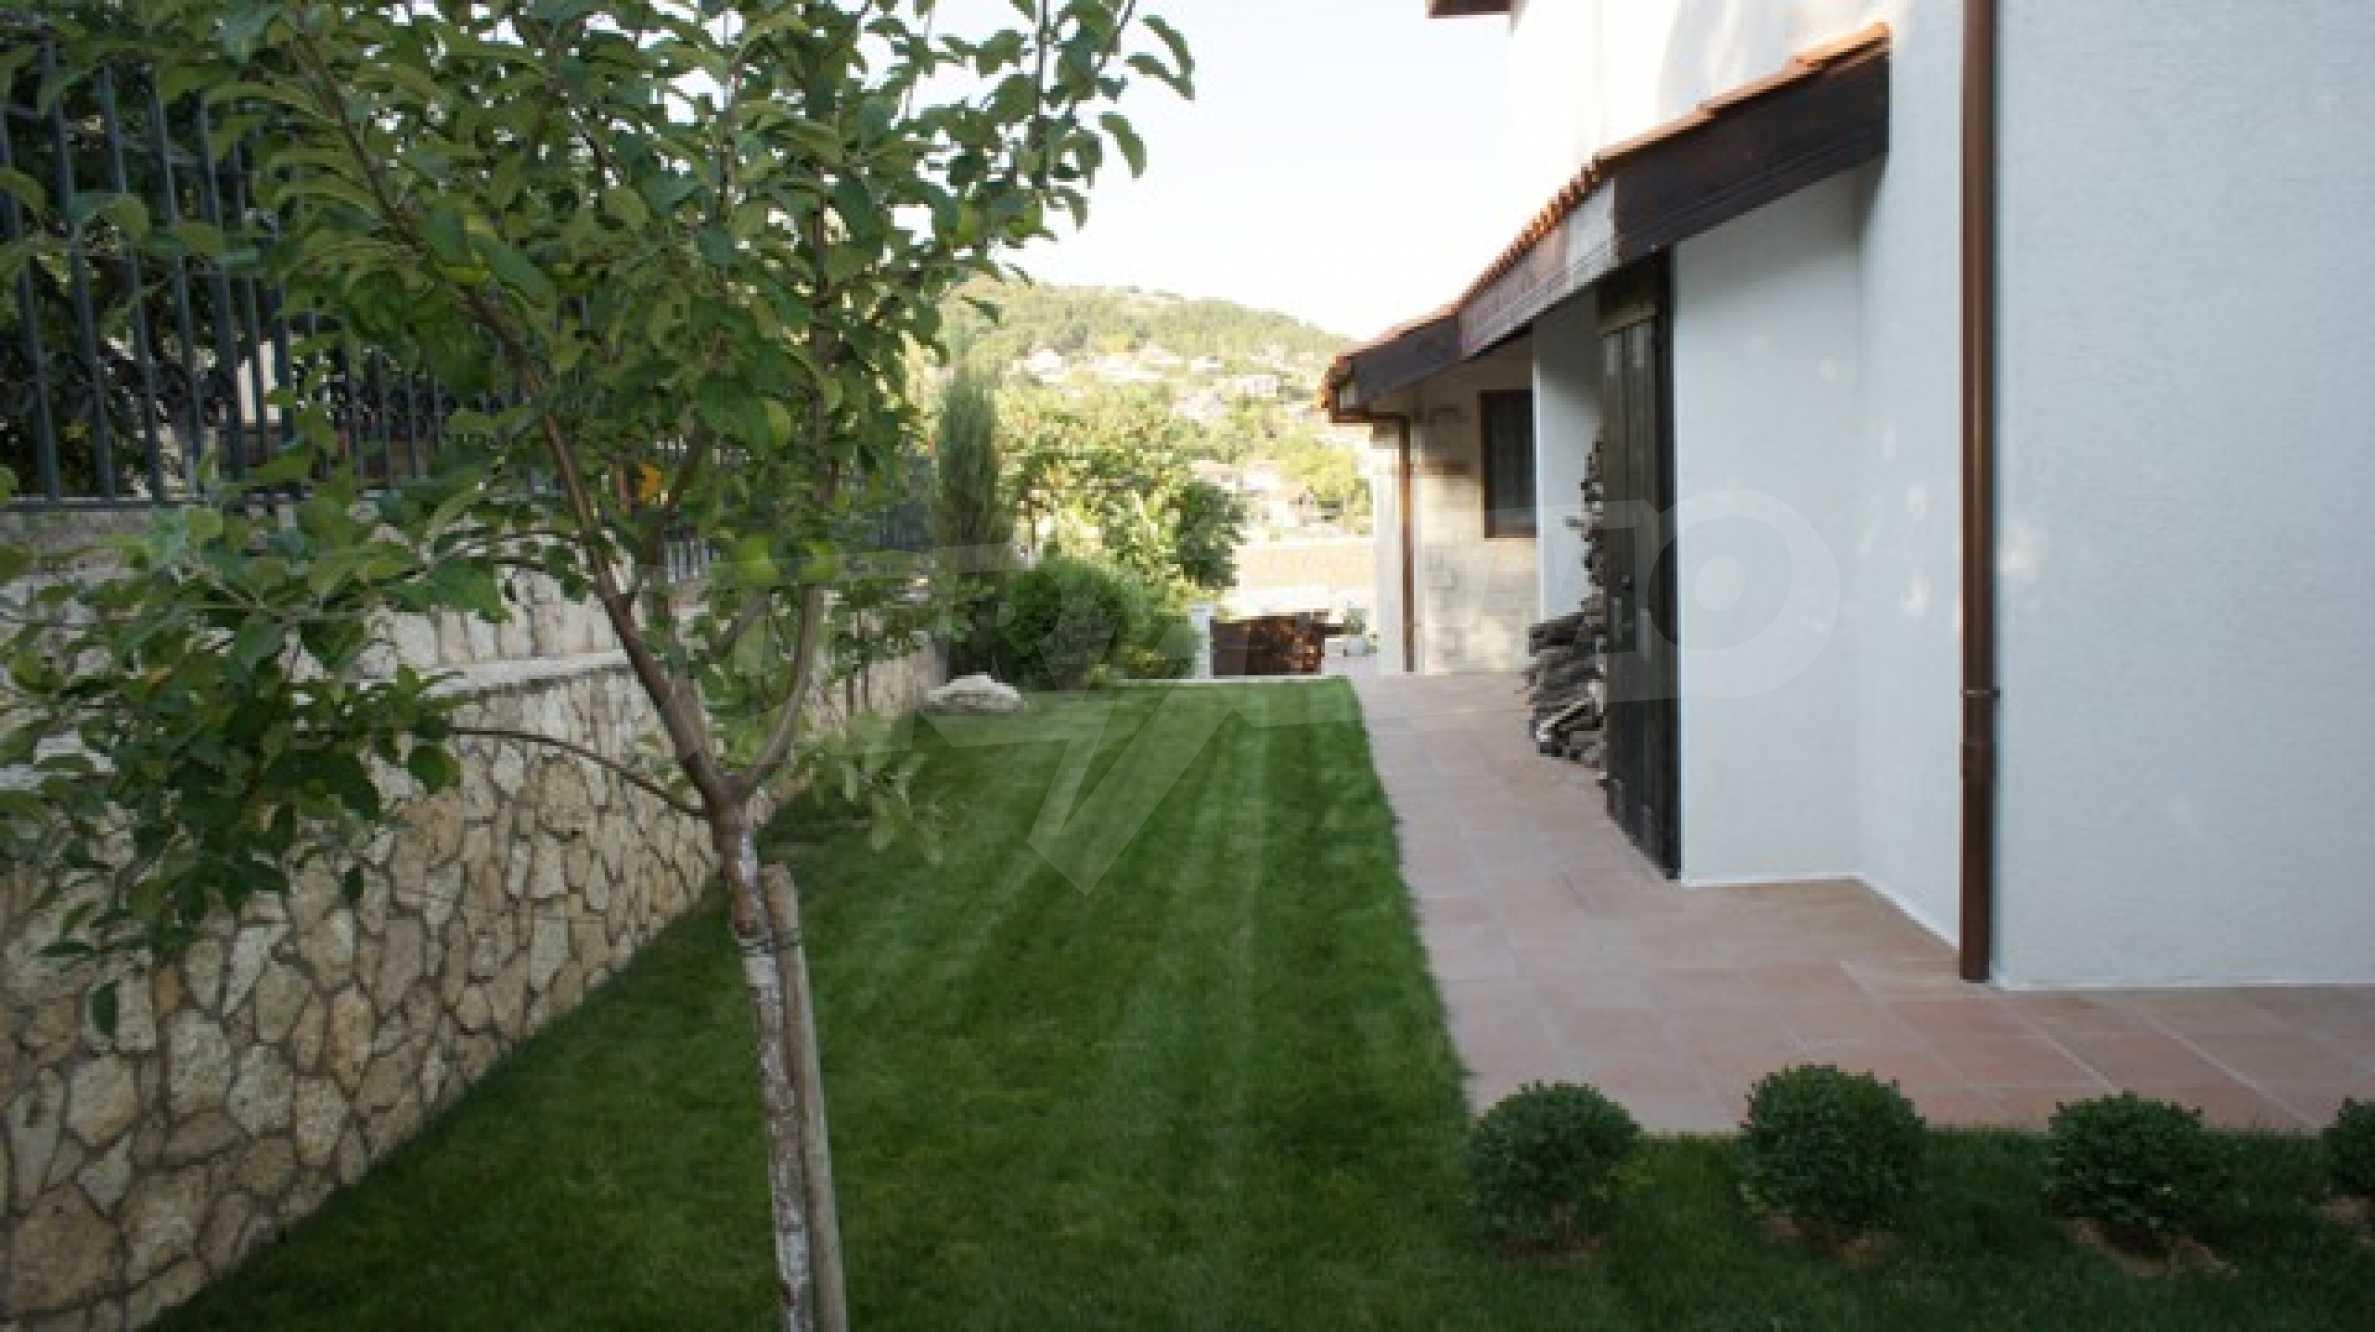 Mediterraner Stil - Luxus zum Sonderpreis 13